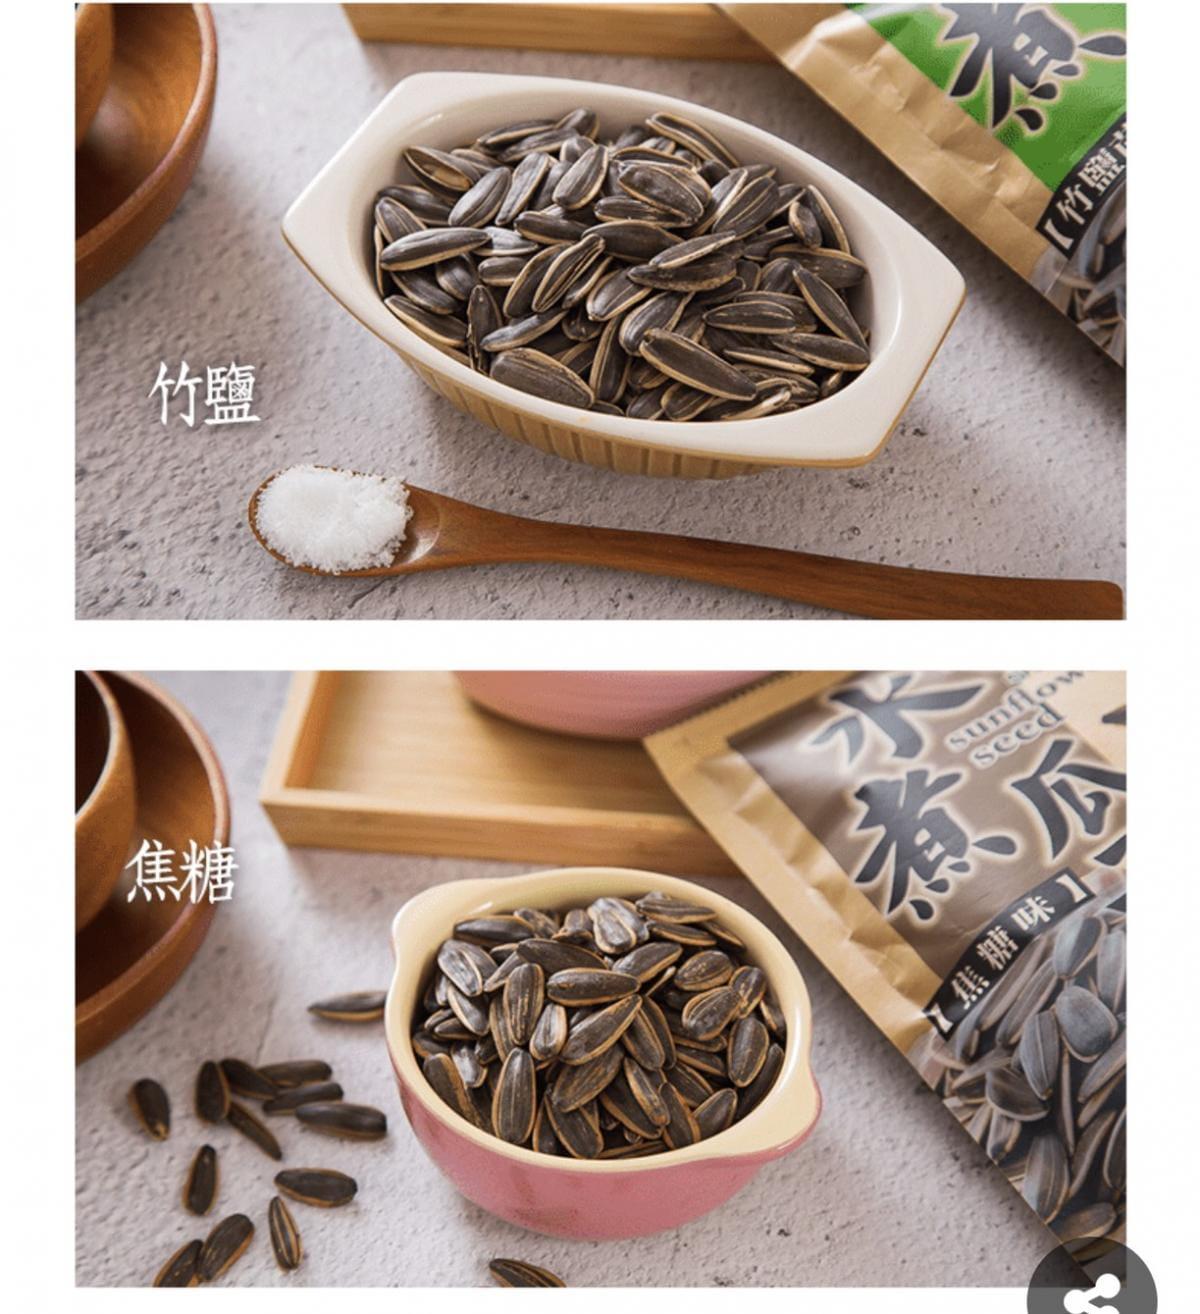 【台灣上青】網路爆紅的水煮瓜子500g(五種口味任選) 3